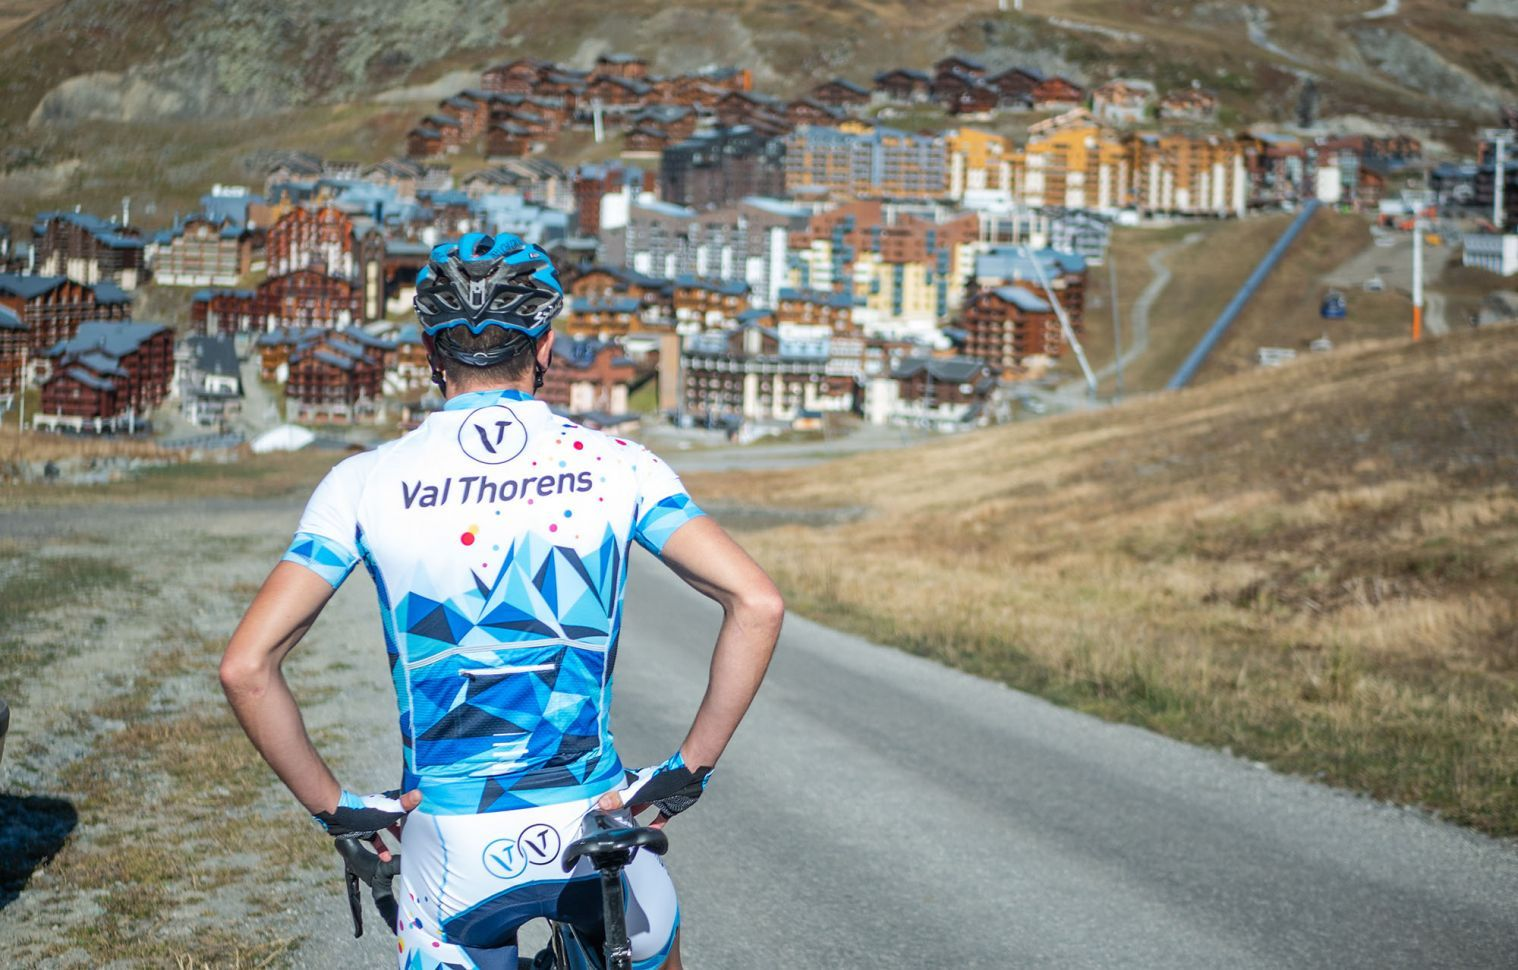 L'Étape du Tour de France : 21/07/2019 en Val Thorens